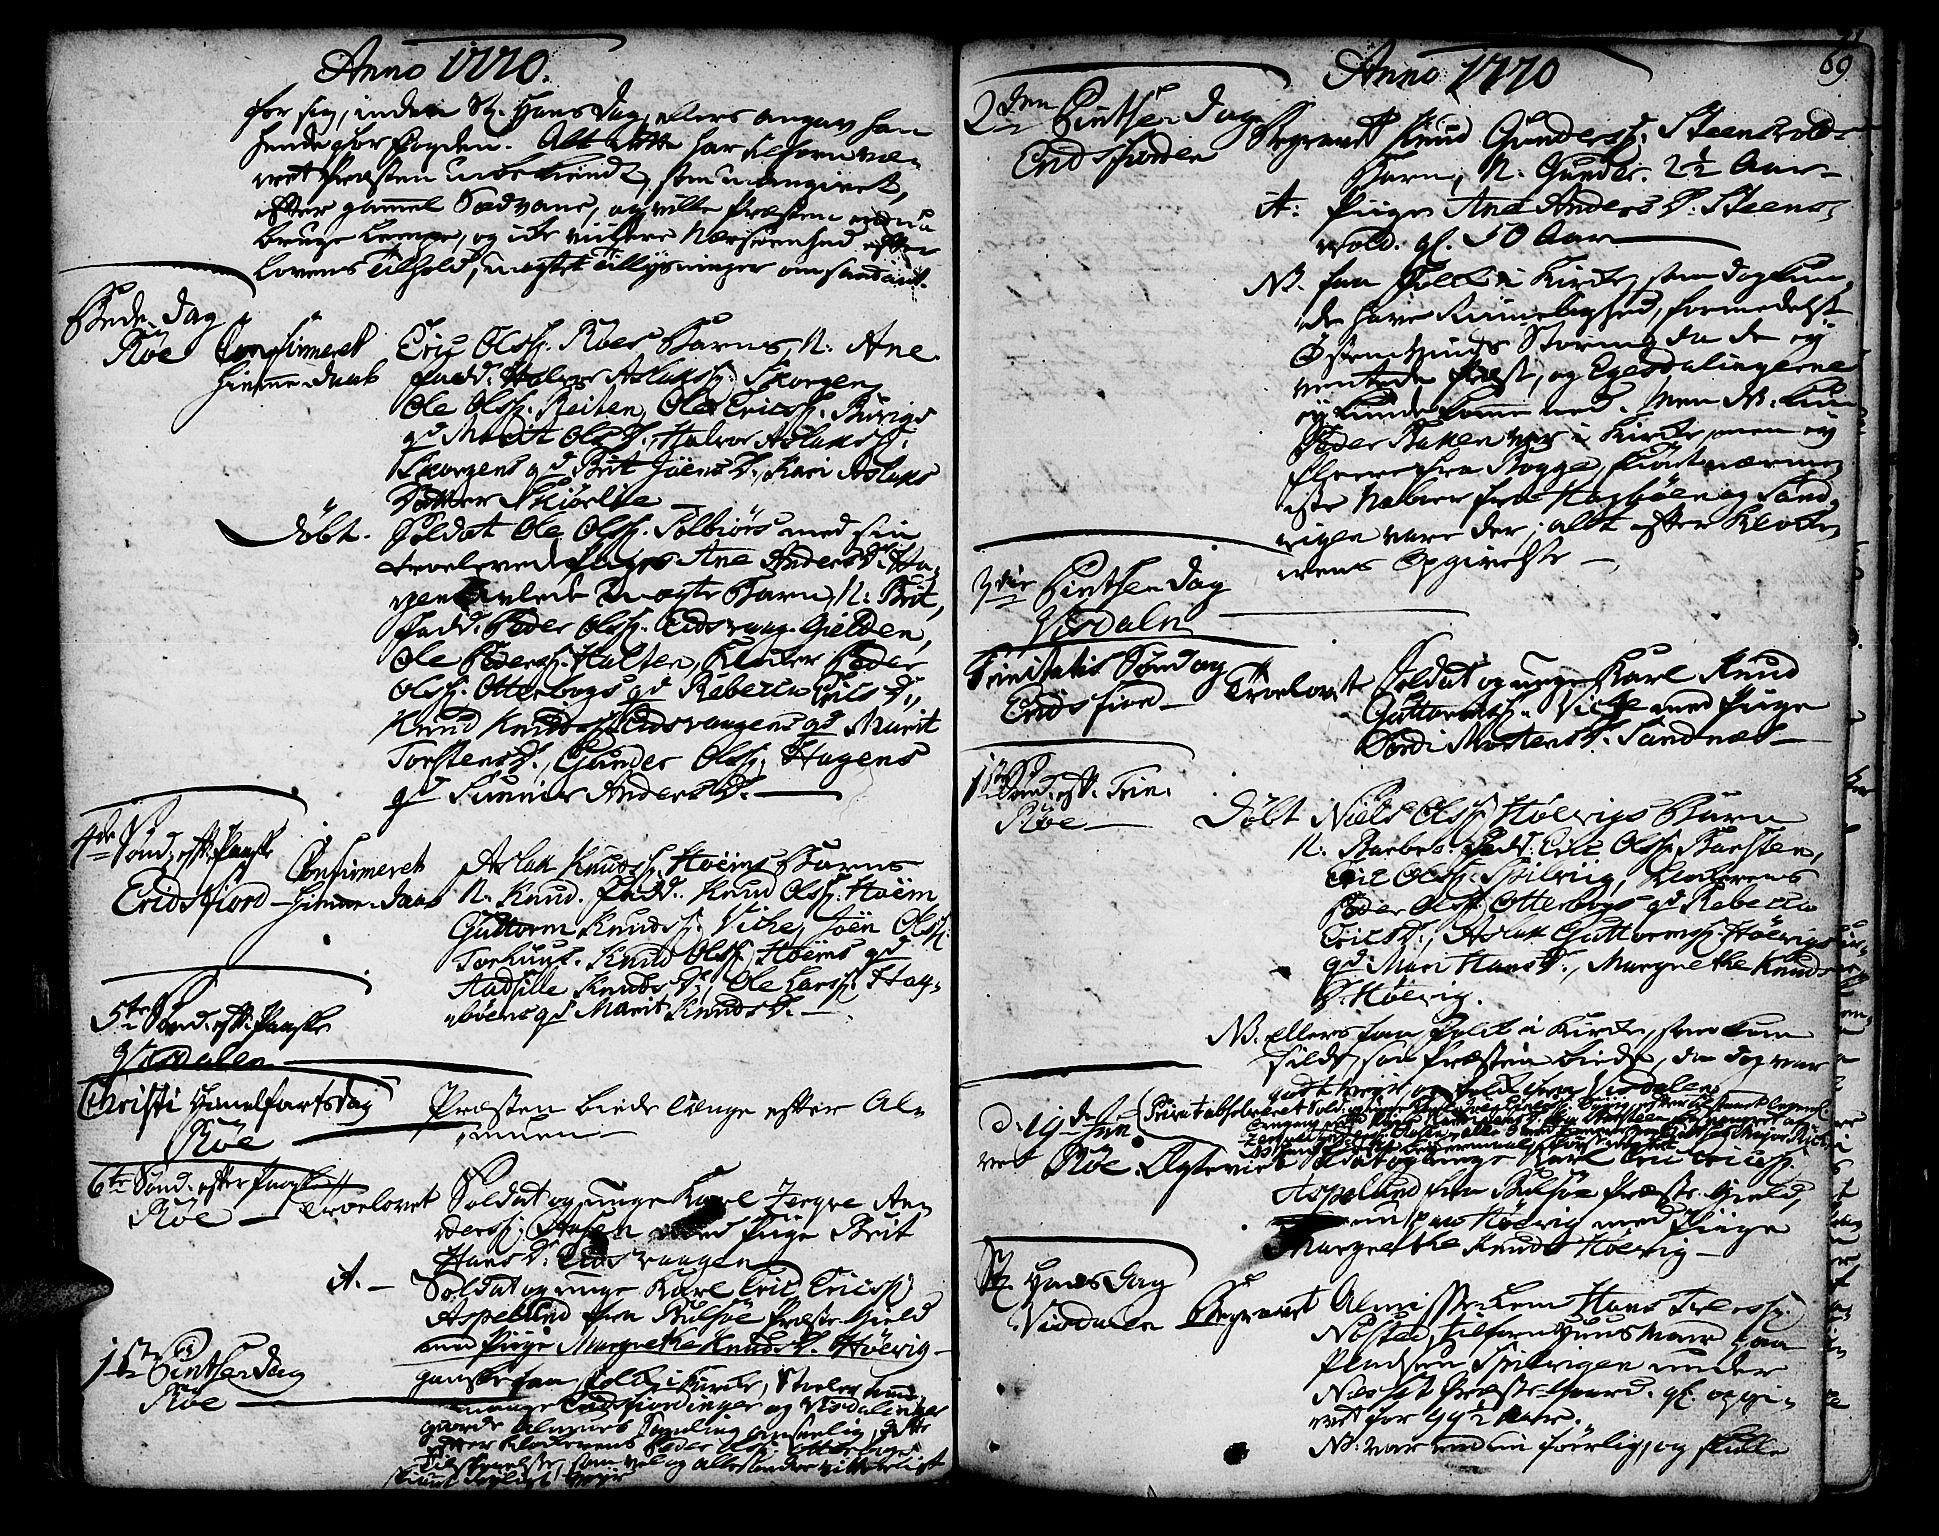 SAT, Ministerialprotokoller, klokkerbøker og fødselsregistre - Møre og Romsdal, 551/L0621: Parish register (official) no. 551A01, 1757-1803, p. 69